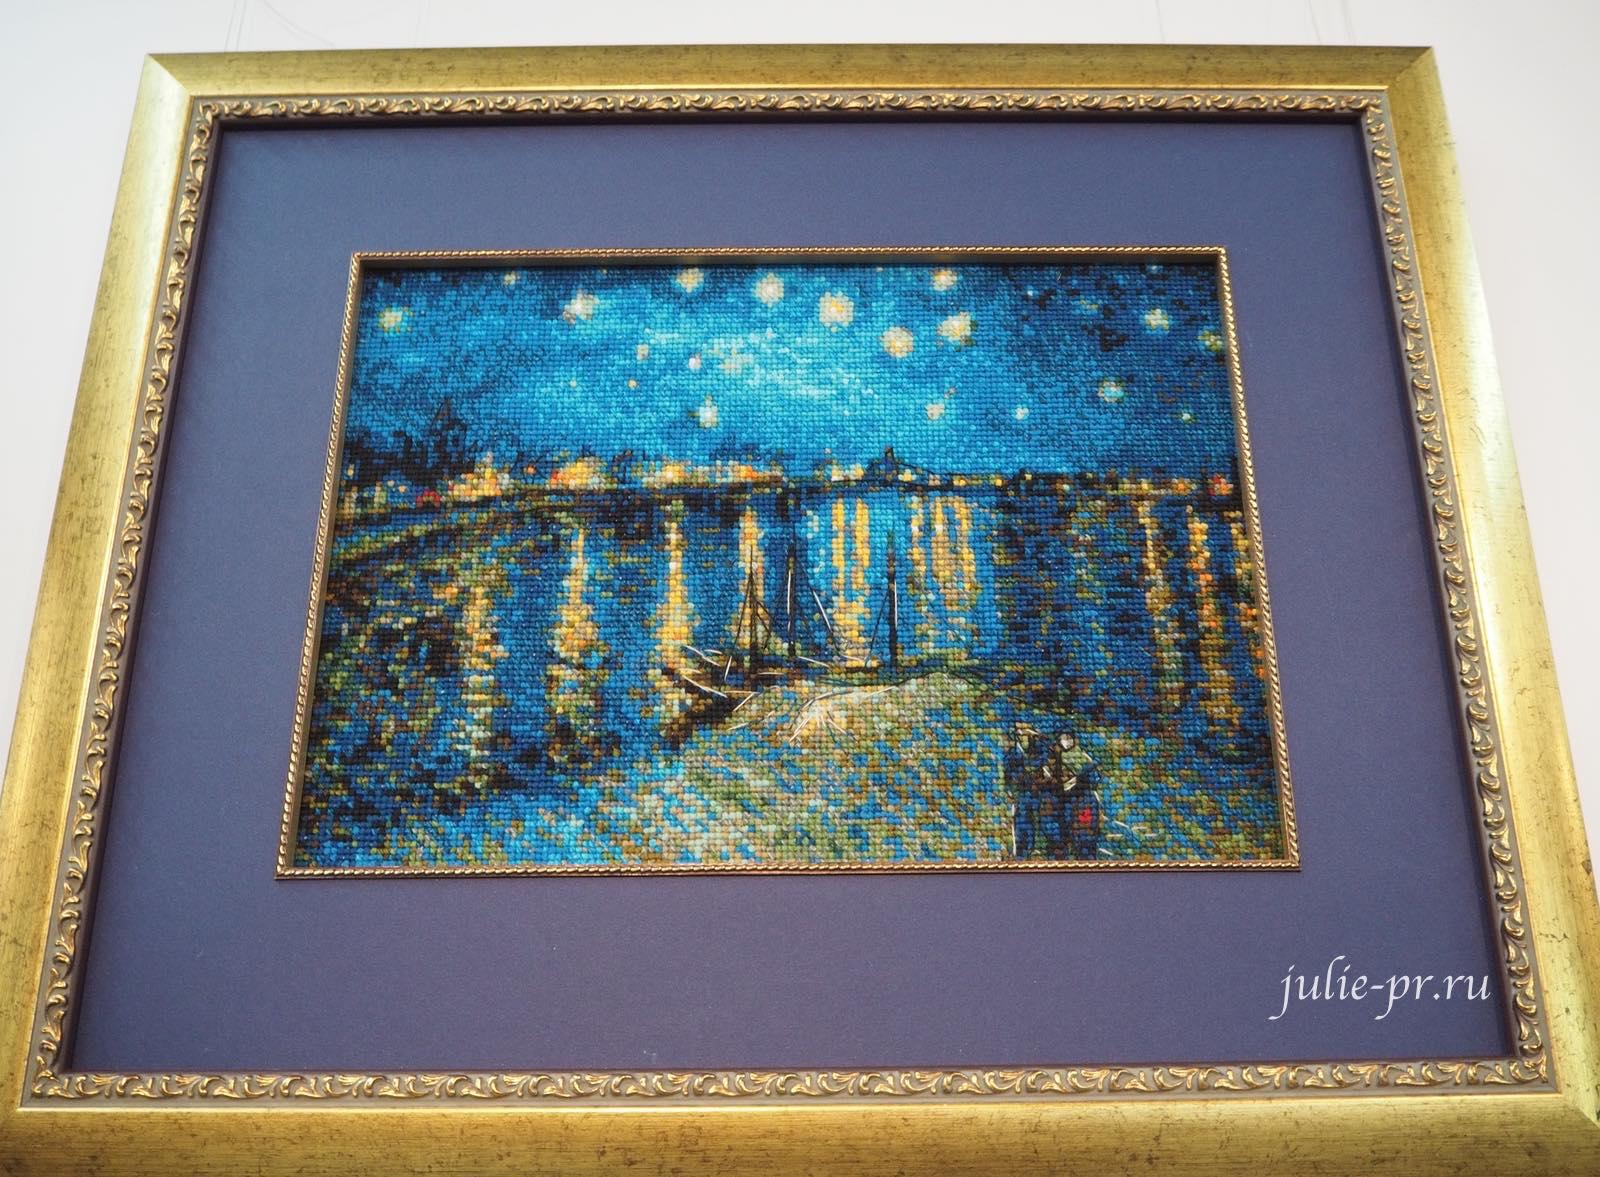 Звёздная ночь над Роной, риолис, ван гог, вышивка крестом